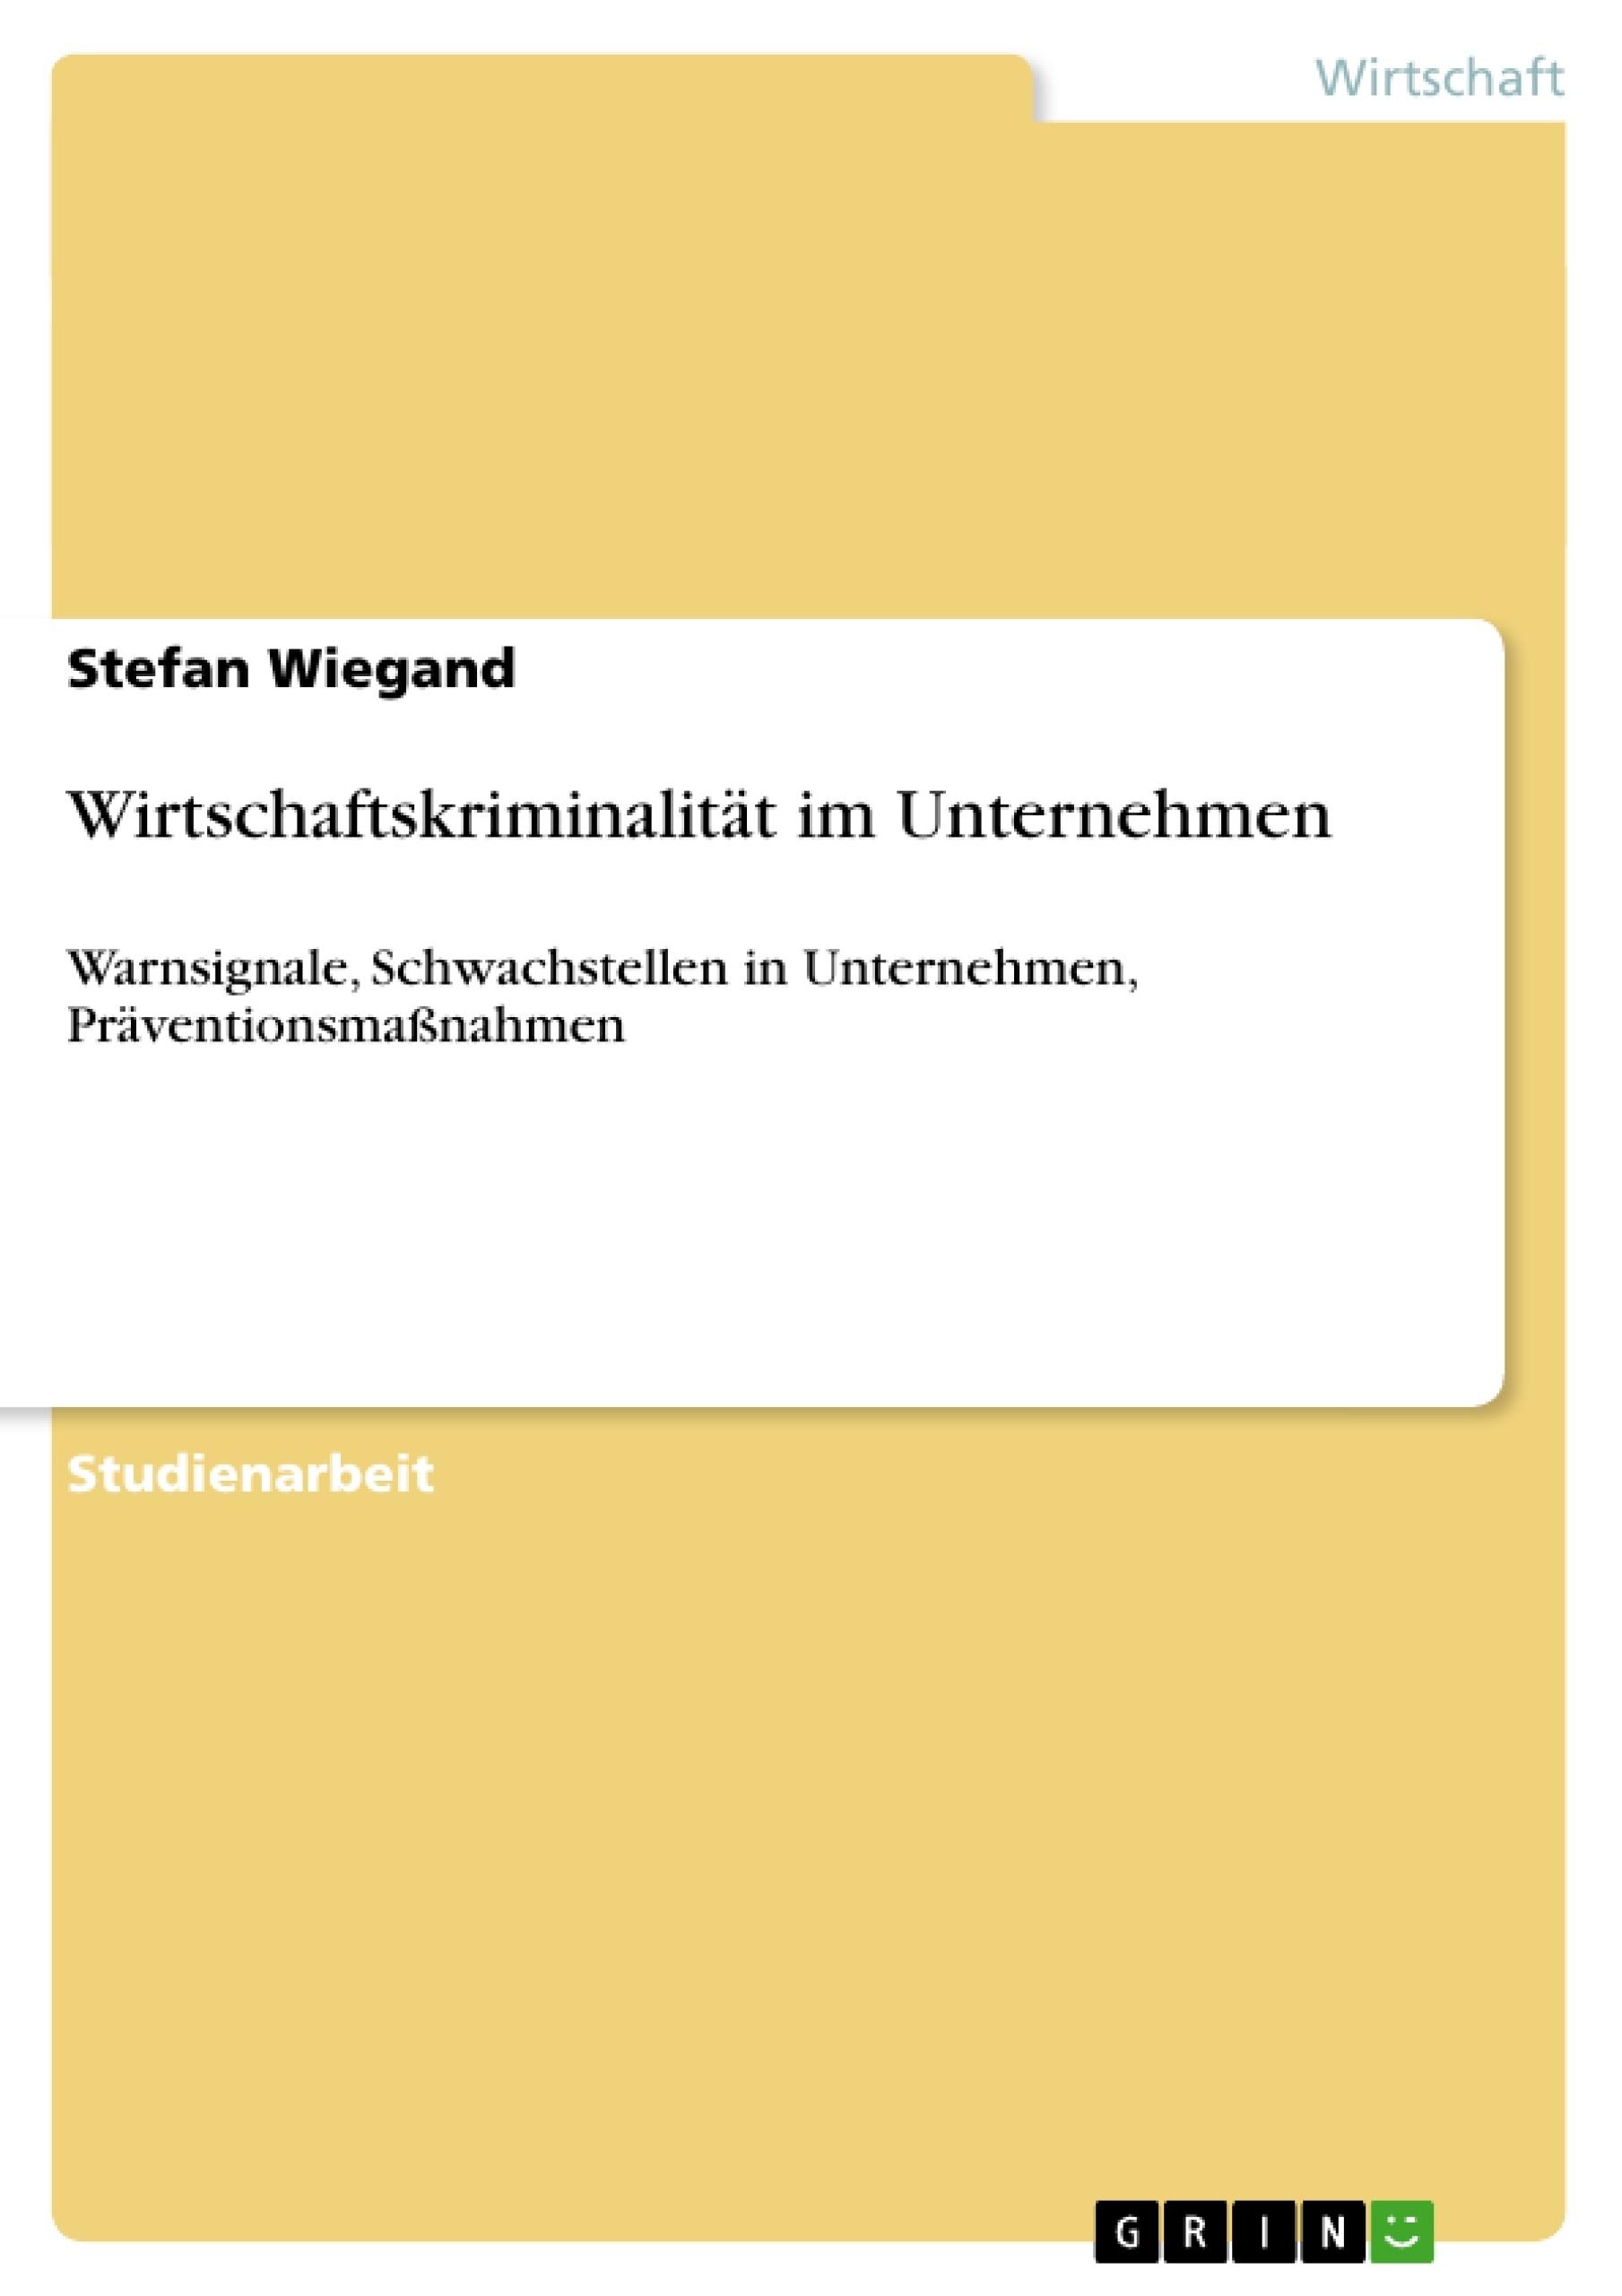 Titel: Wirtschaftskriminalität im Unternehmen